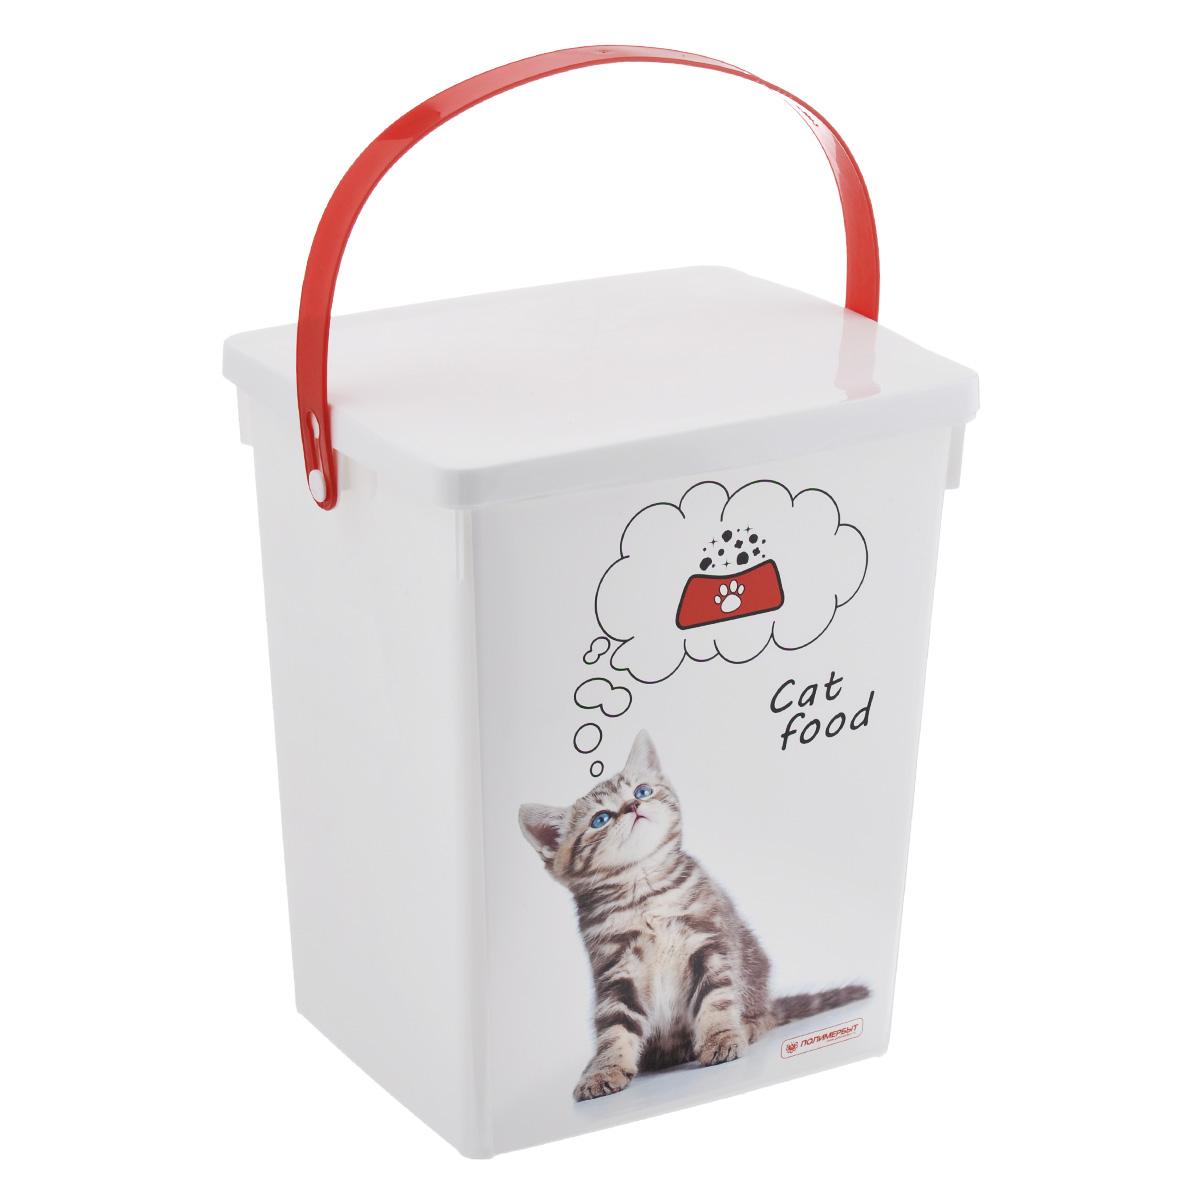 Контейнер для хранения корма Полимербыт Cat Food, цвет: белый, красный, 5 лС49302Контейнер Полимербыт, изготовленный из высококачественного пластика, предназначен для хранения корма для животных. Контейнер оснащен ручкой, благодаря которой можно без проблем переносить с места на место.В таком контейнере корм останется всегда свежим.